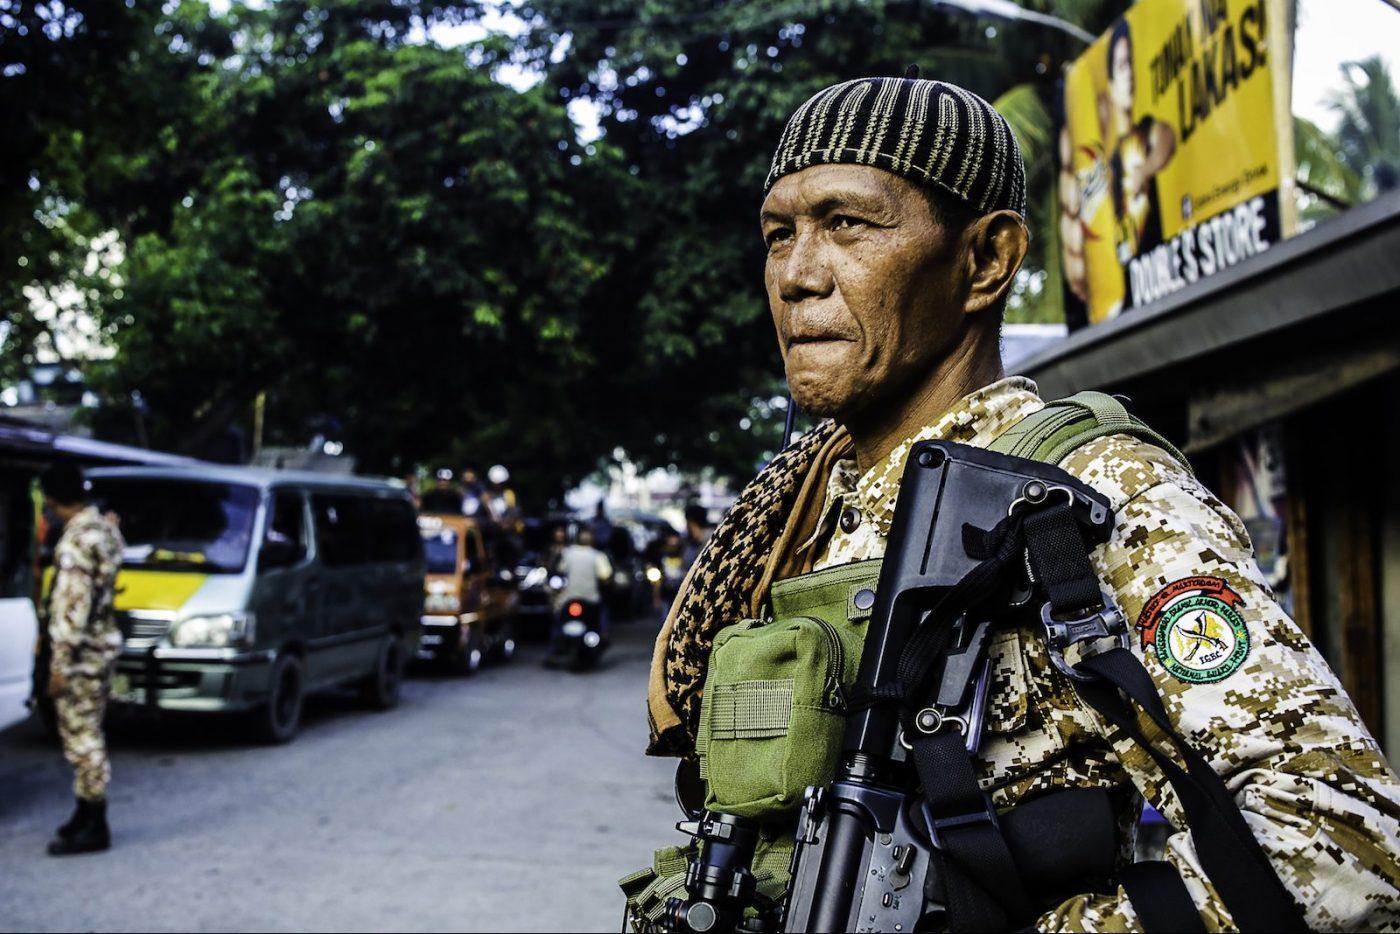 Bức tranh toàn cảnh về vấn đề xung đột sắc tộc, tôn giáo ở Philippines